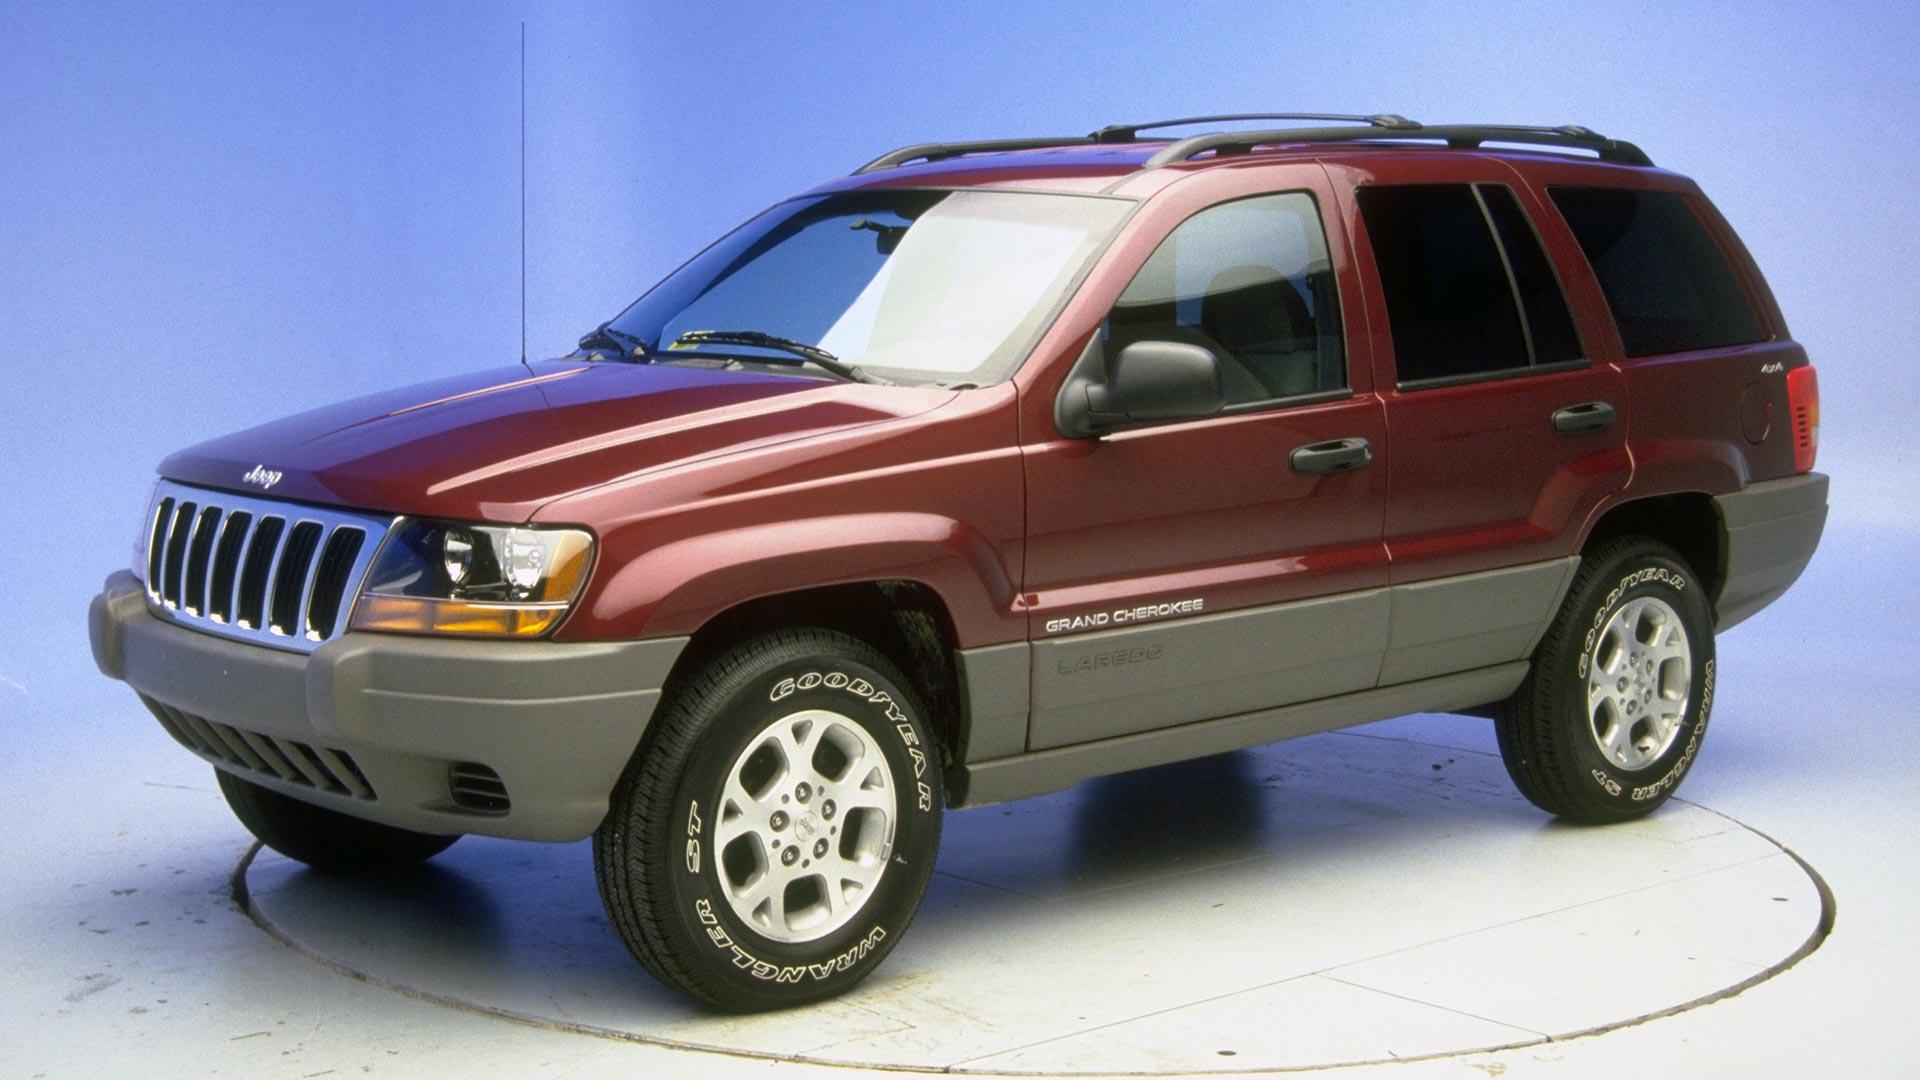 2002 Grand Cherokee Laredo